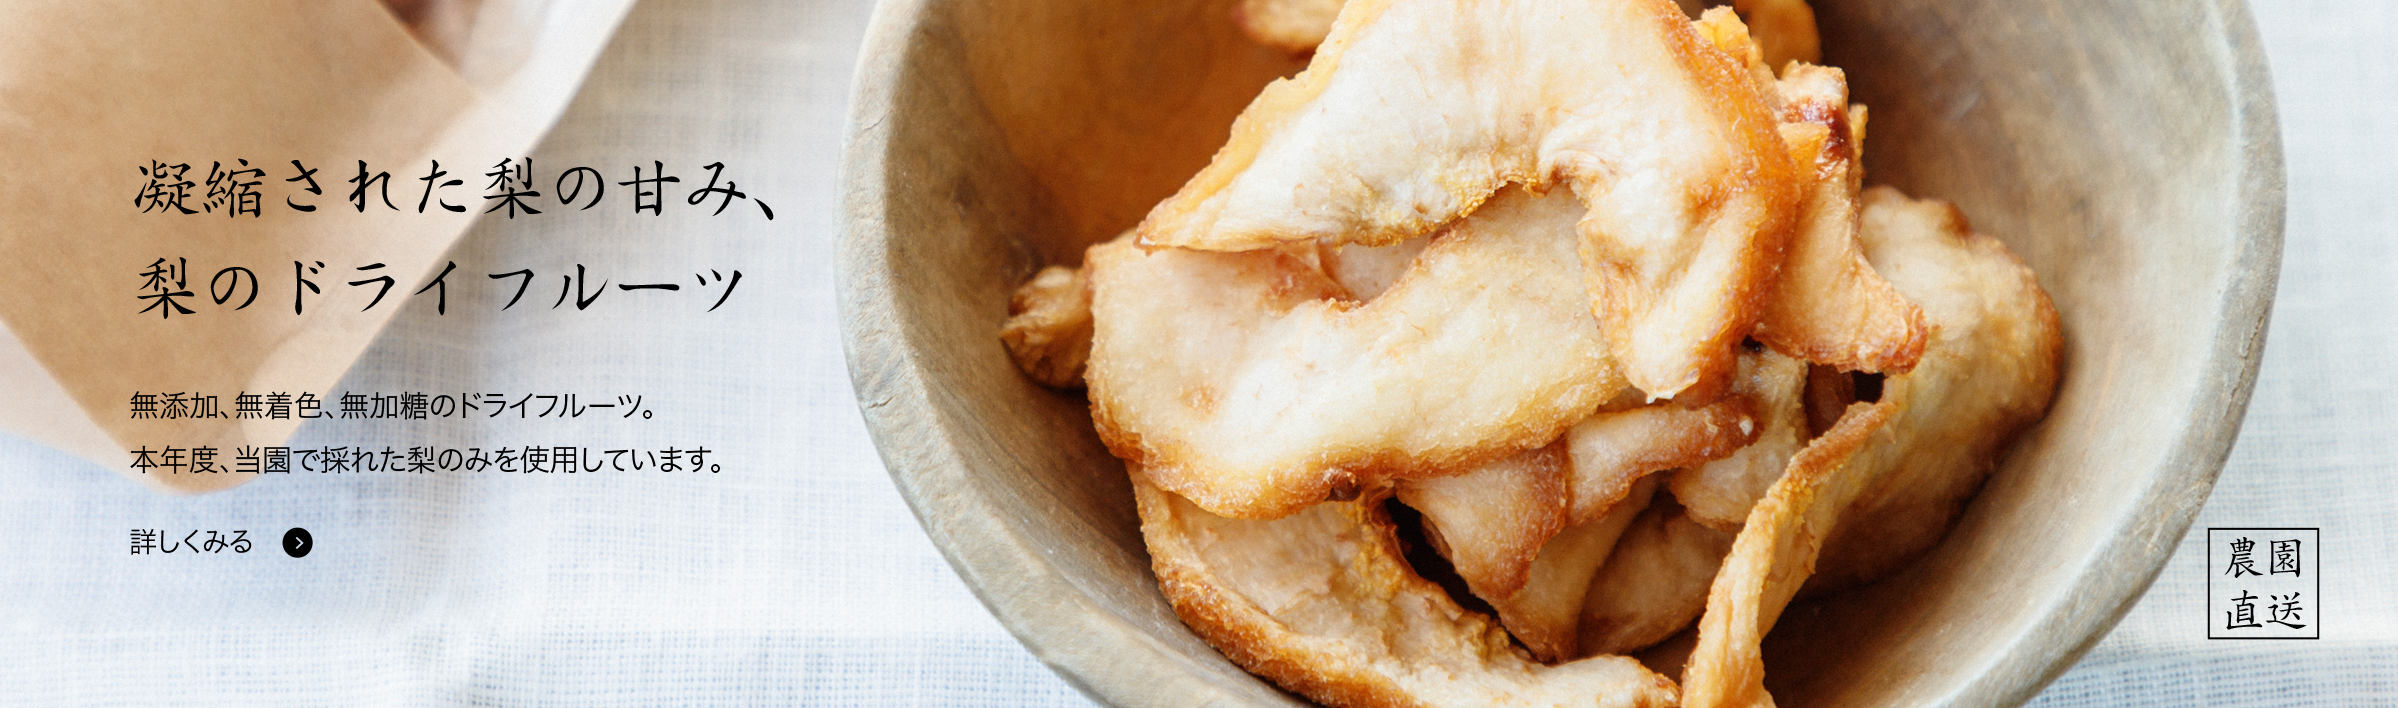 凝縮された梨の甘み、梨のドライフルーツ 無添加、無着色、無加糖のドライフルーツ。本年度、当園で採れた梨のみを使用しています。